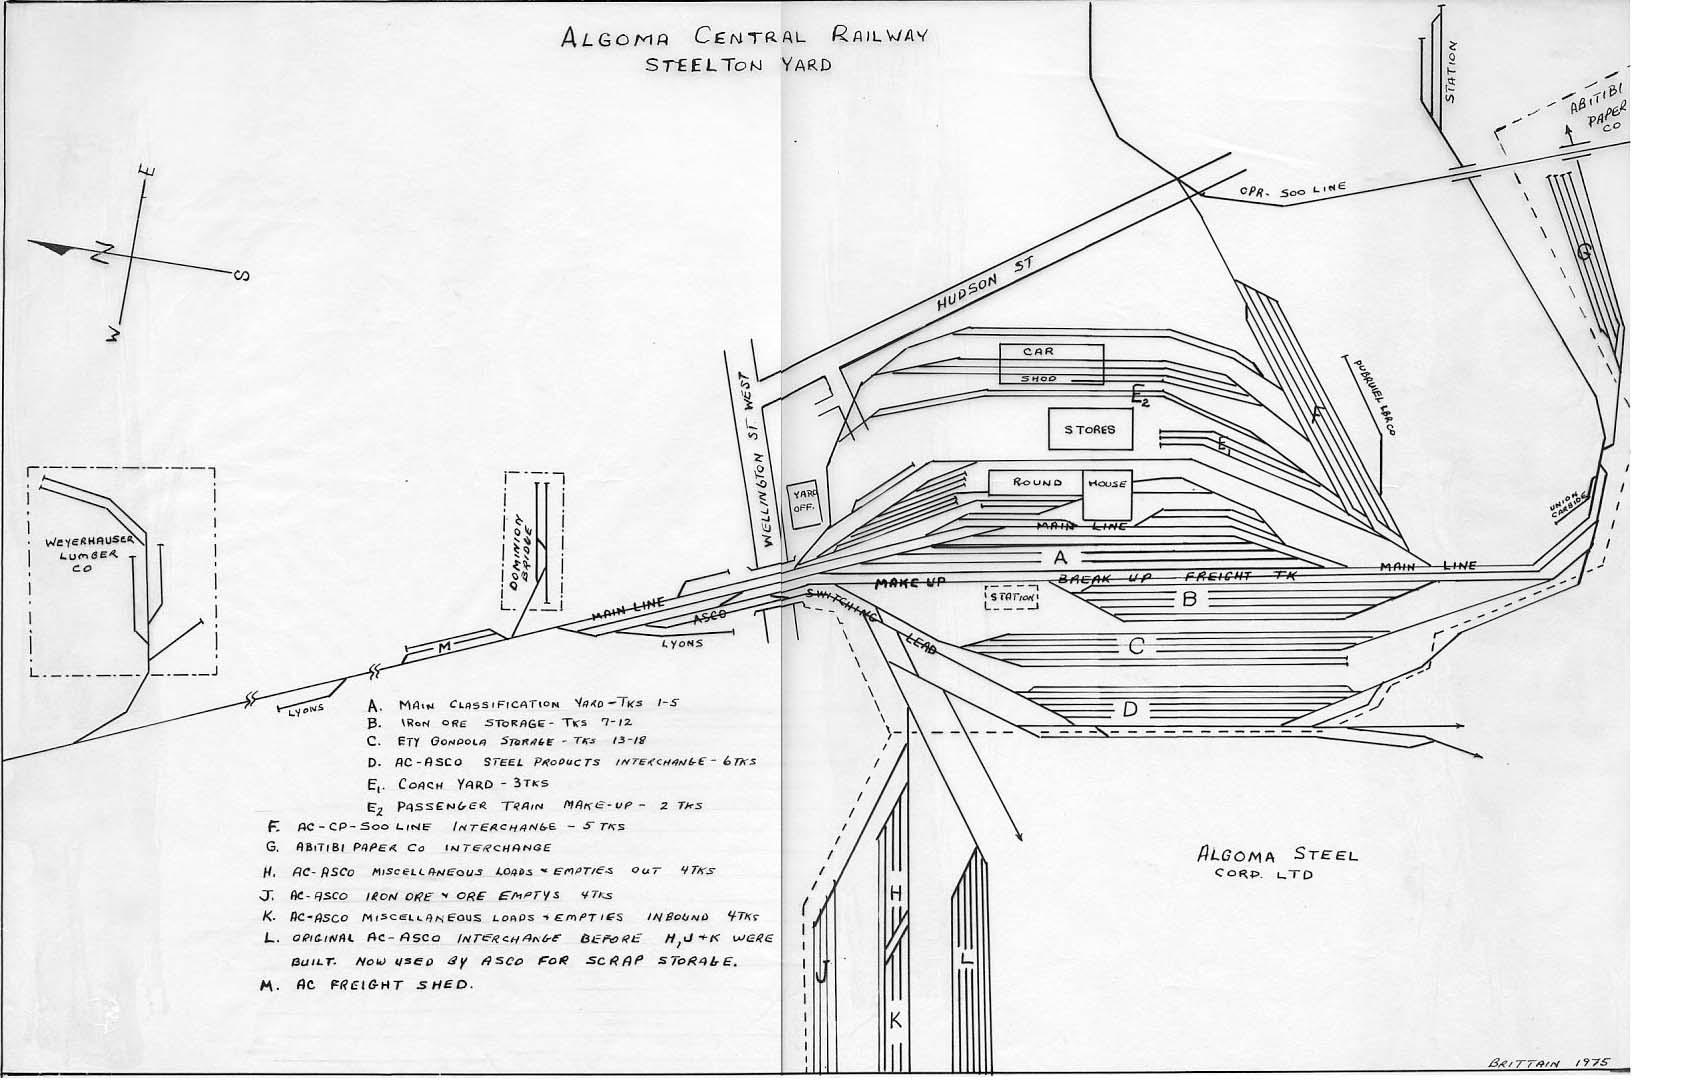 Steelton Yard Wawa Interchanges Hawk Jct. Michipicoten